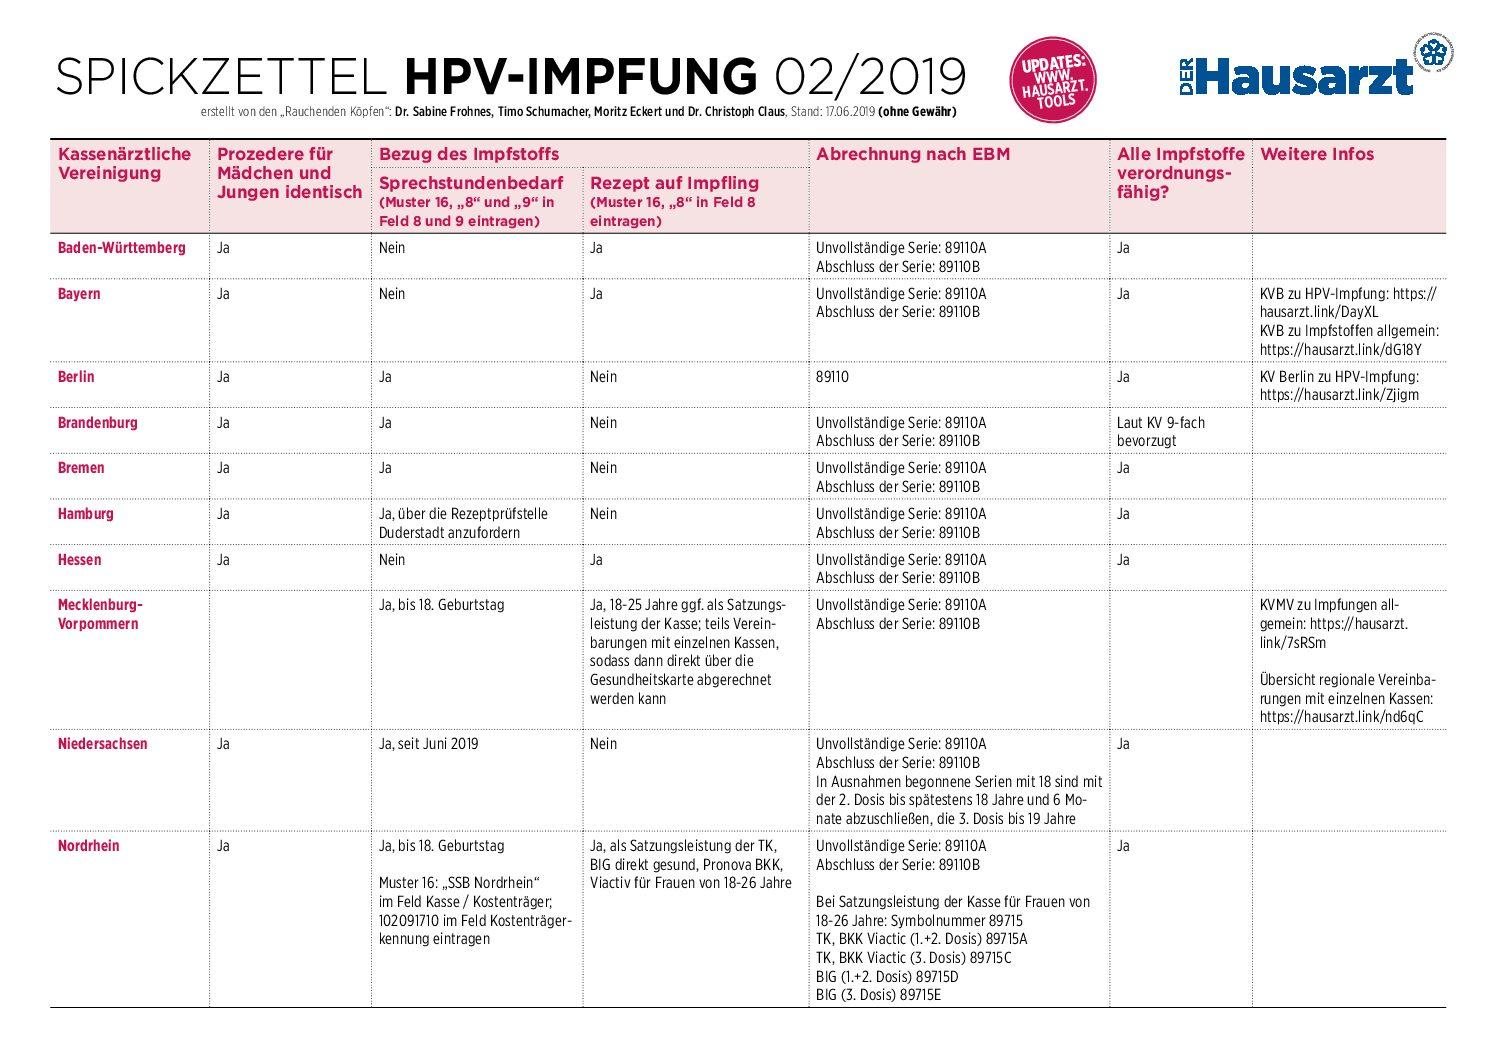 hpv impfung jungen bkk)